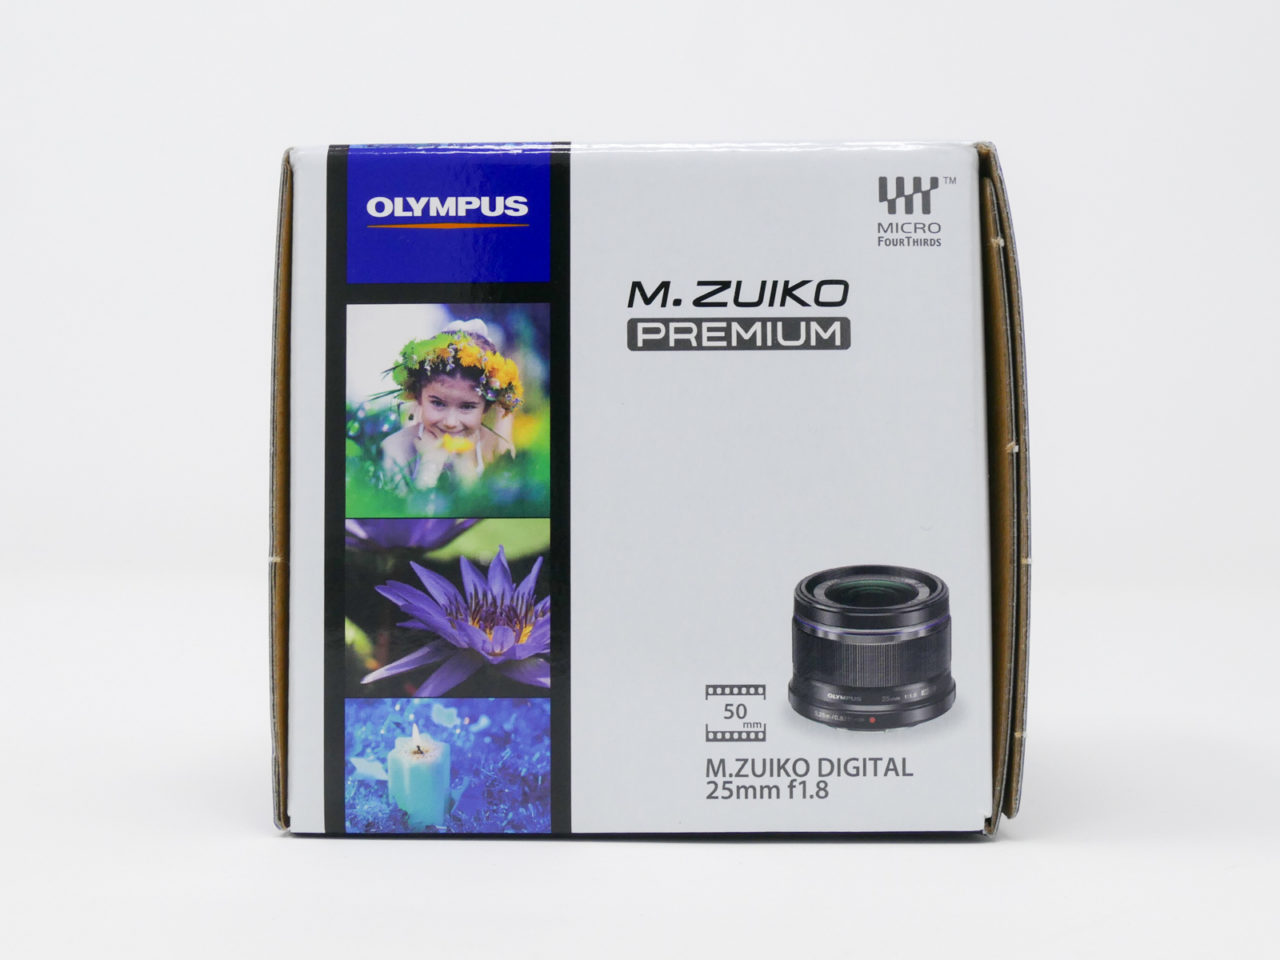 M.ZUIKO DIGITAL 25mm F1.8のパッケージ